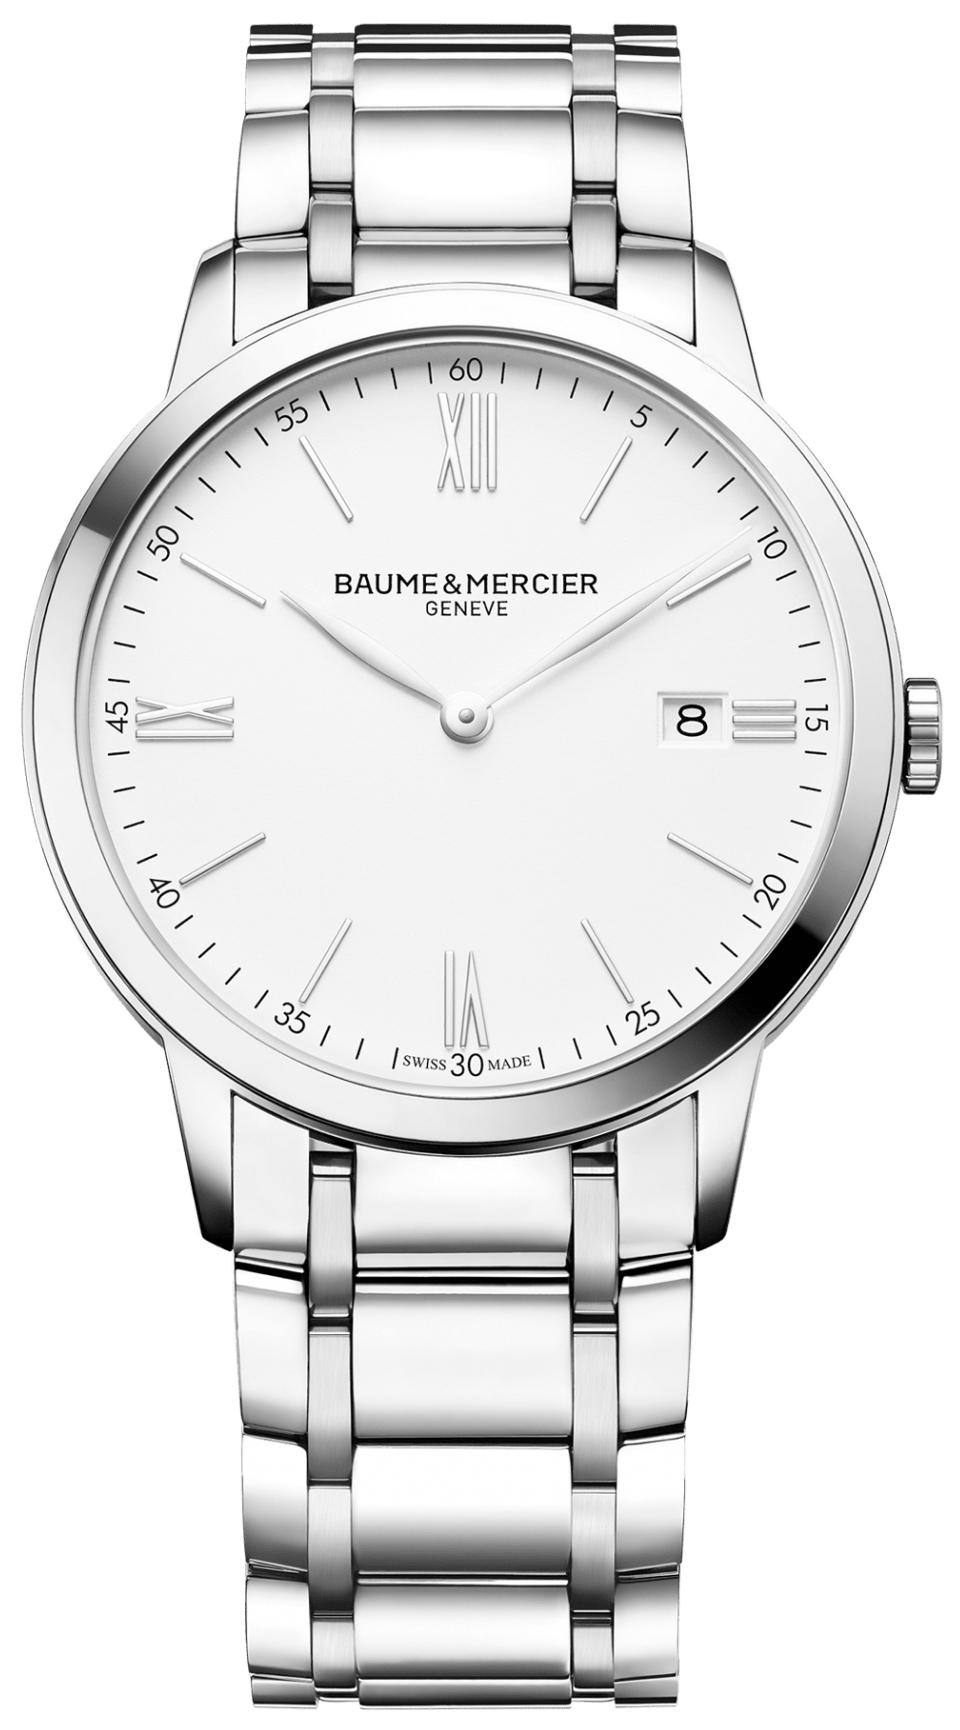 Baume & Mercier Classima Herreklokke M0A10354 Hvit/Stål Ø40 mm - Baume & Mercier